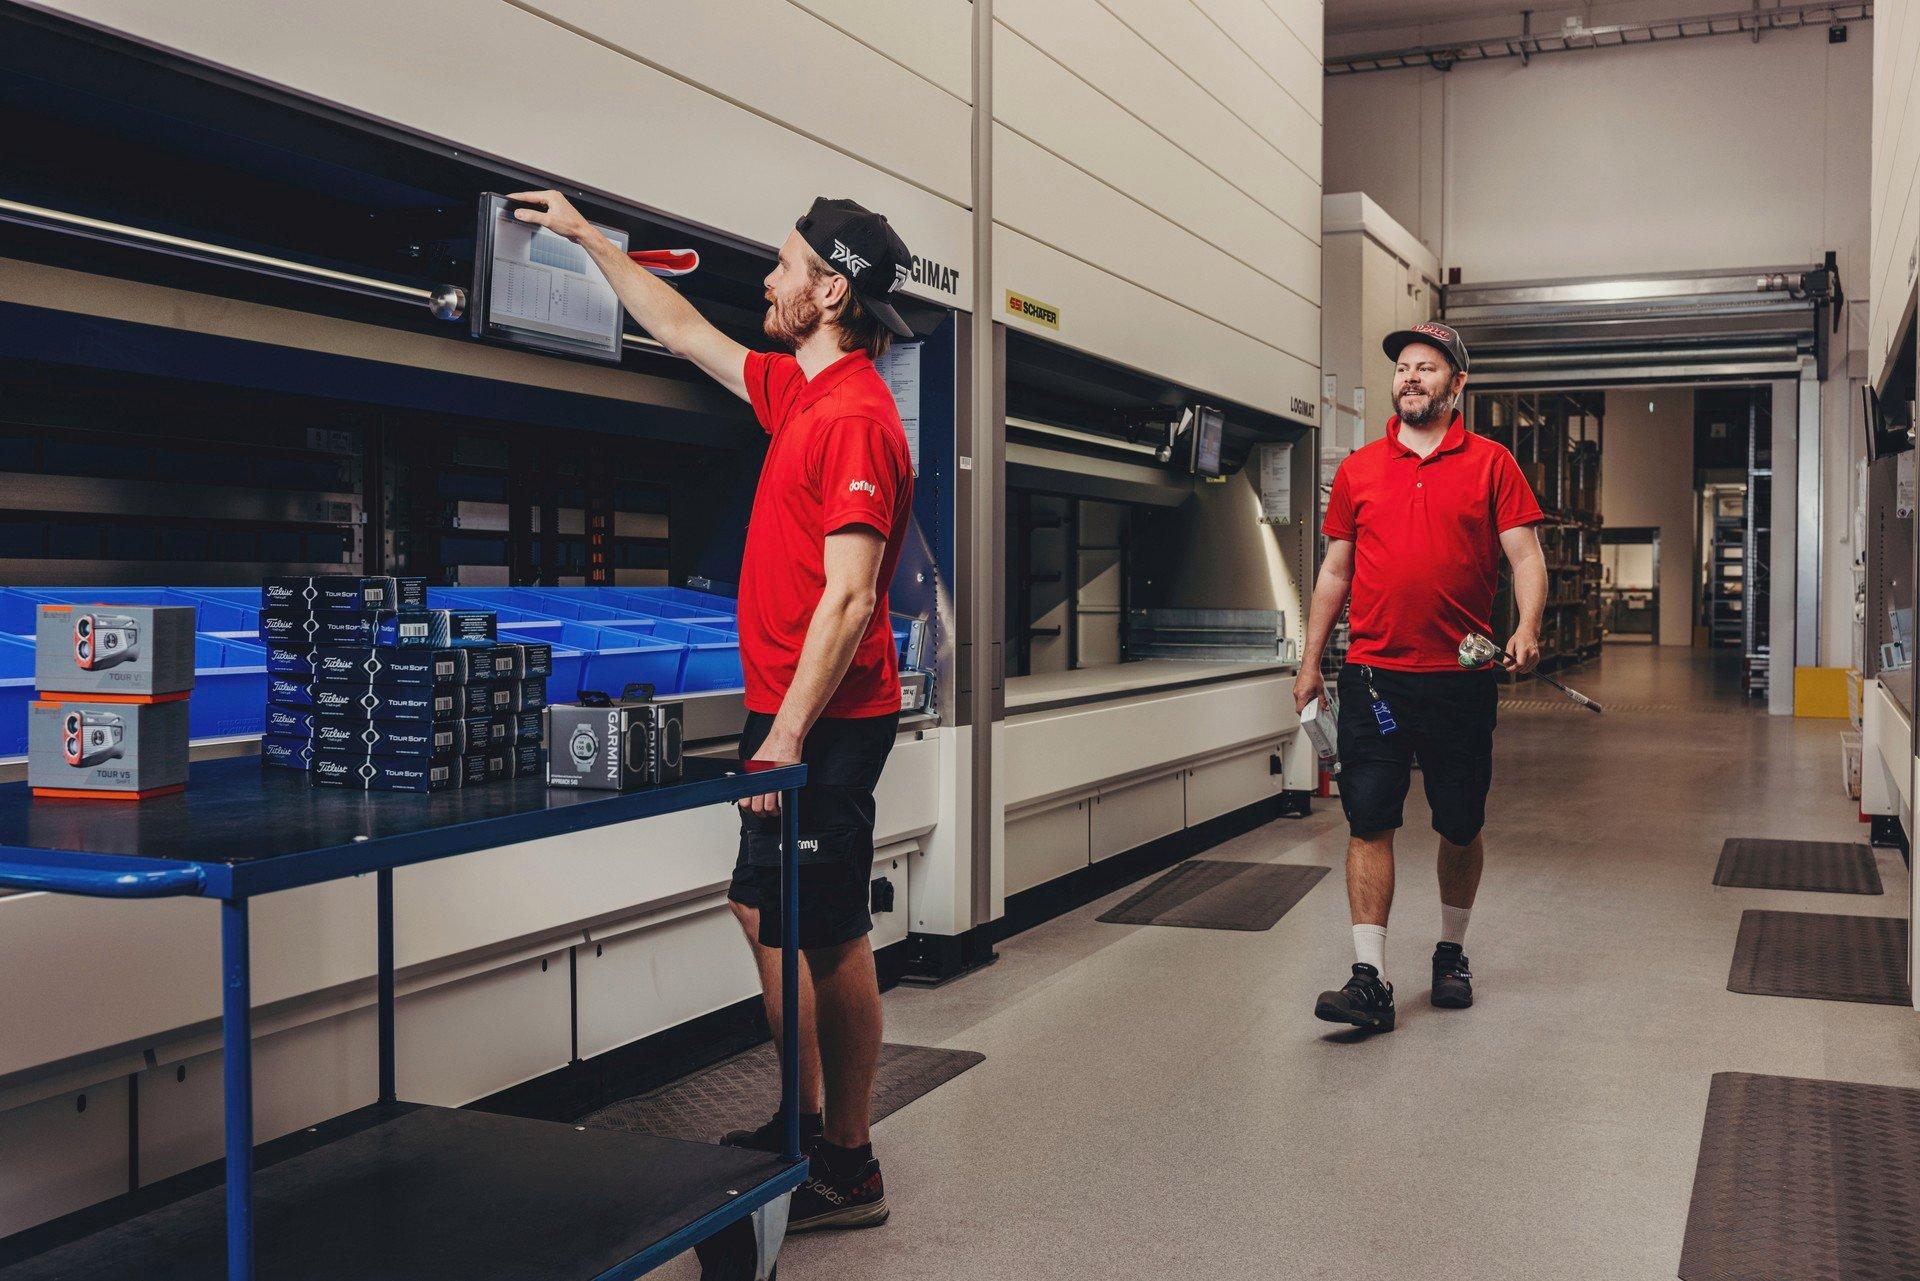 Dormy Golf använder lagerautomater från SSI Schäfer